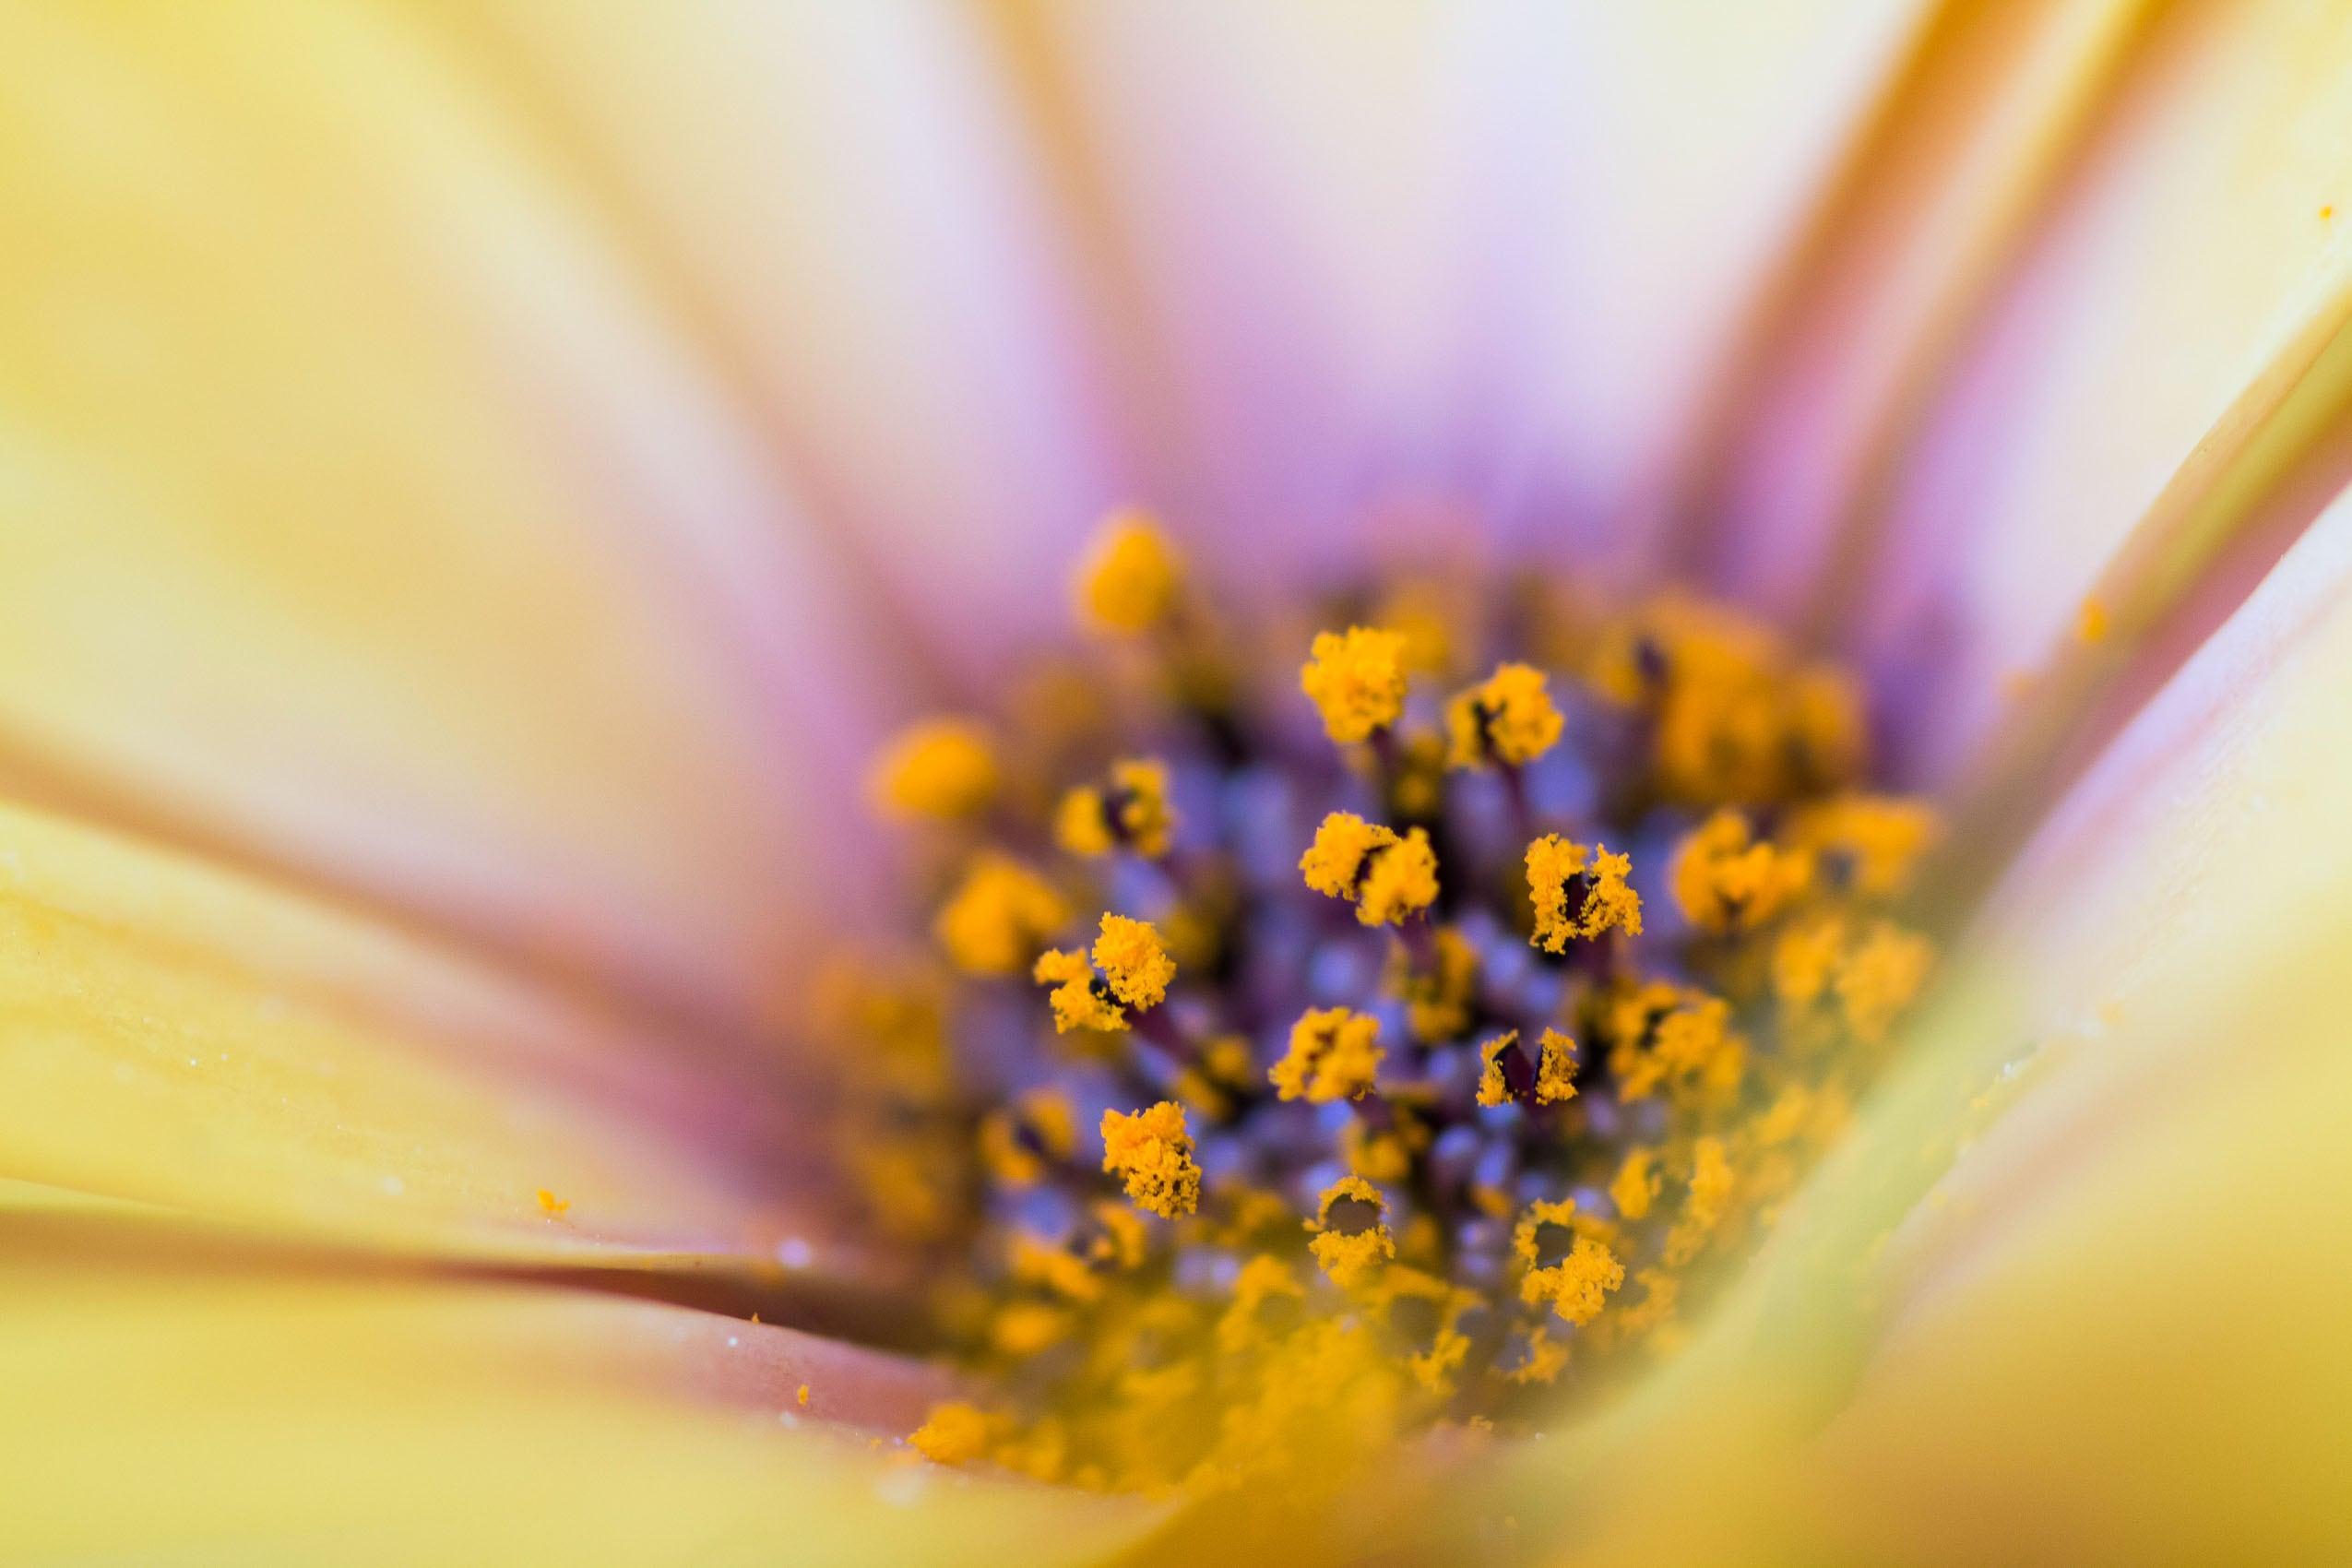 Nahaufnahme von Blütenpollen